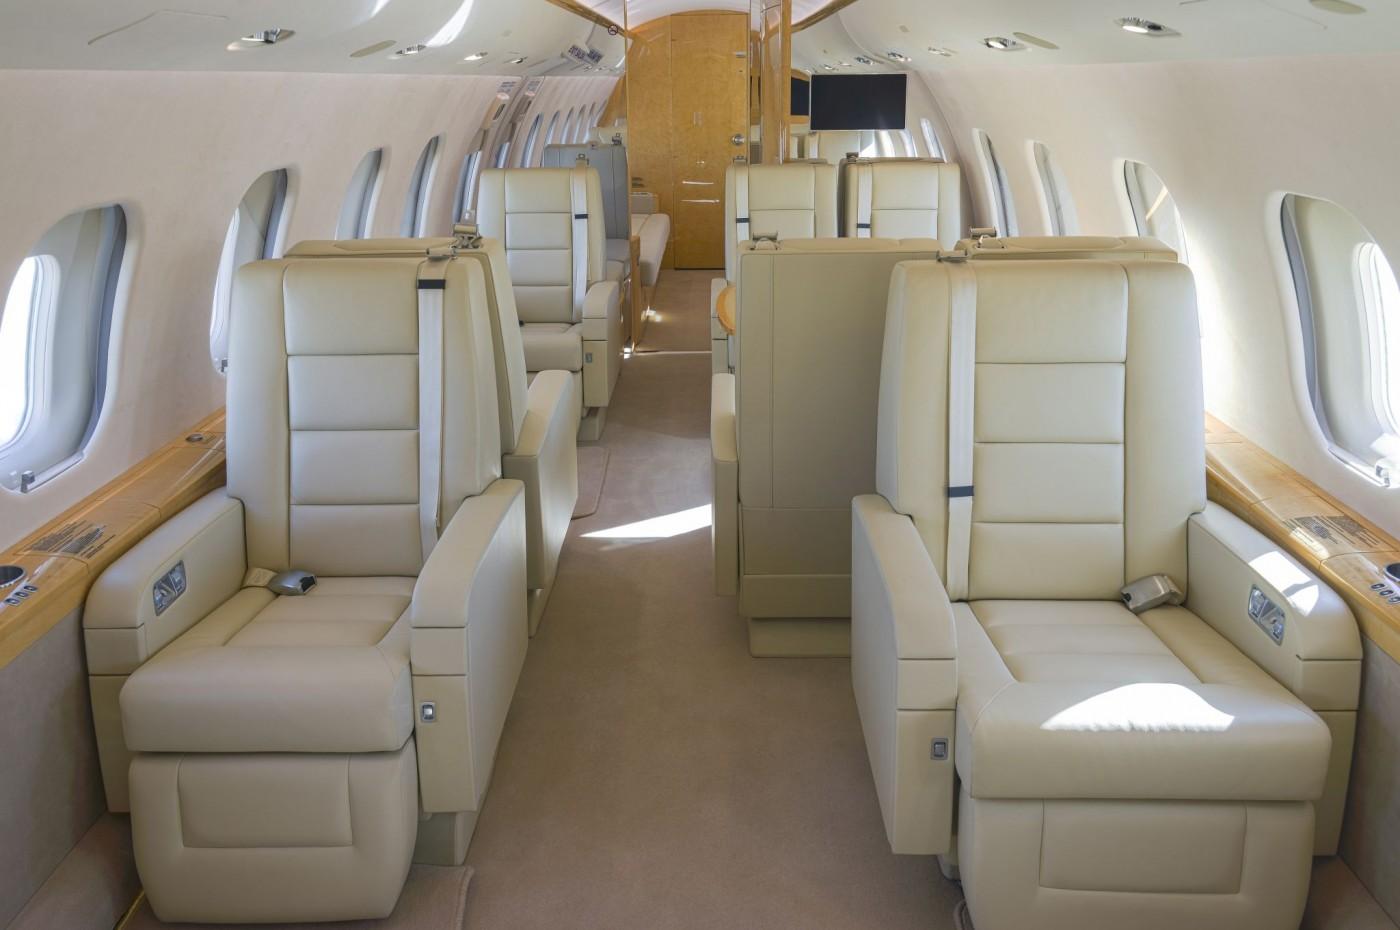 Global 6000 S/N 9695 Seats